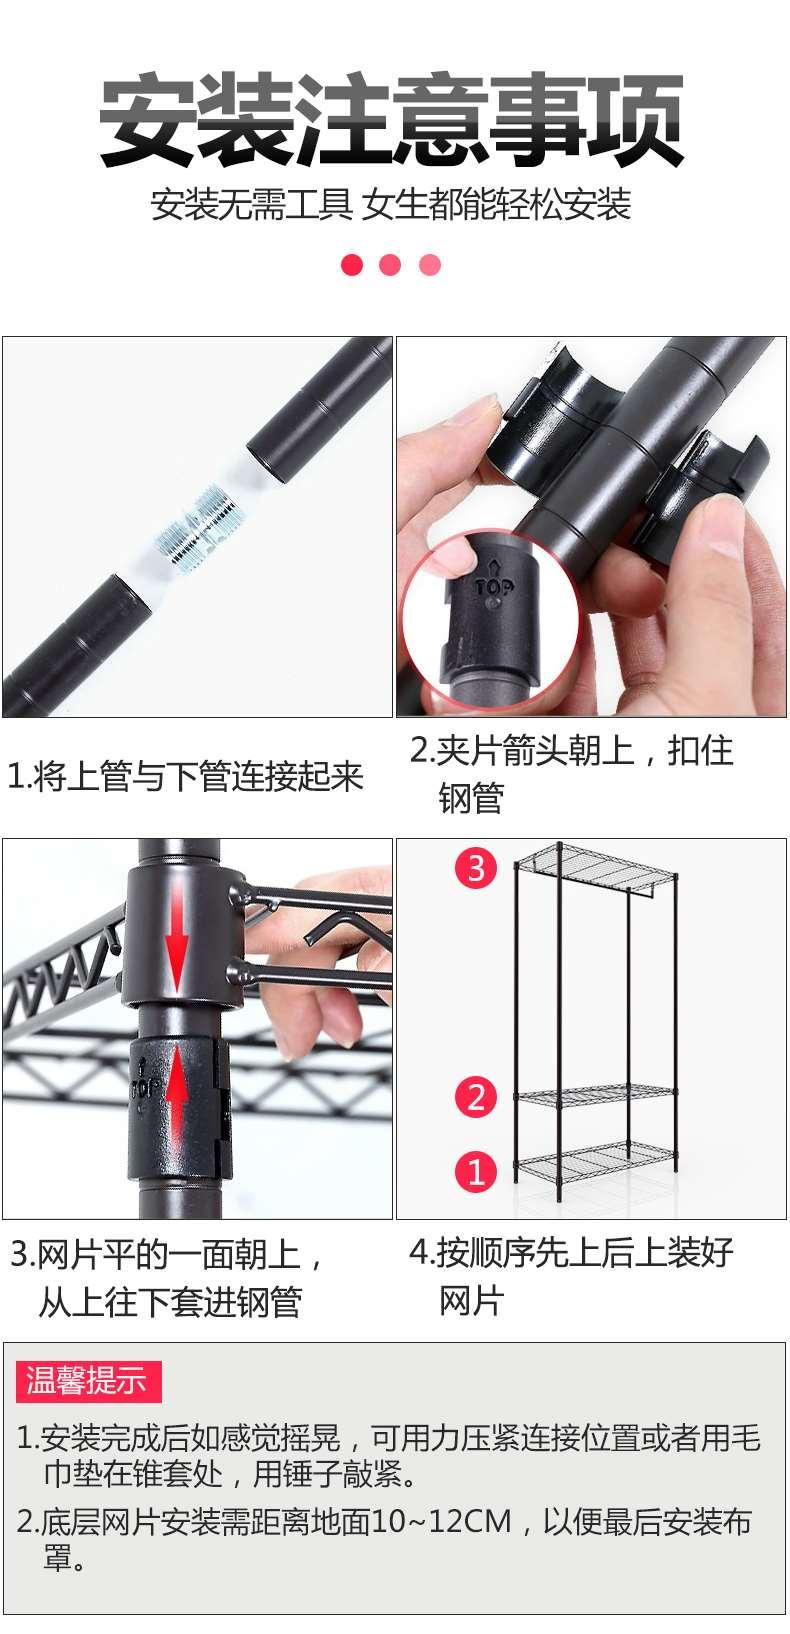 大容量组合简易布衣柜圆管可调节衣橱衣架-川井 (15)